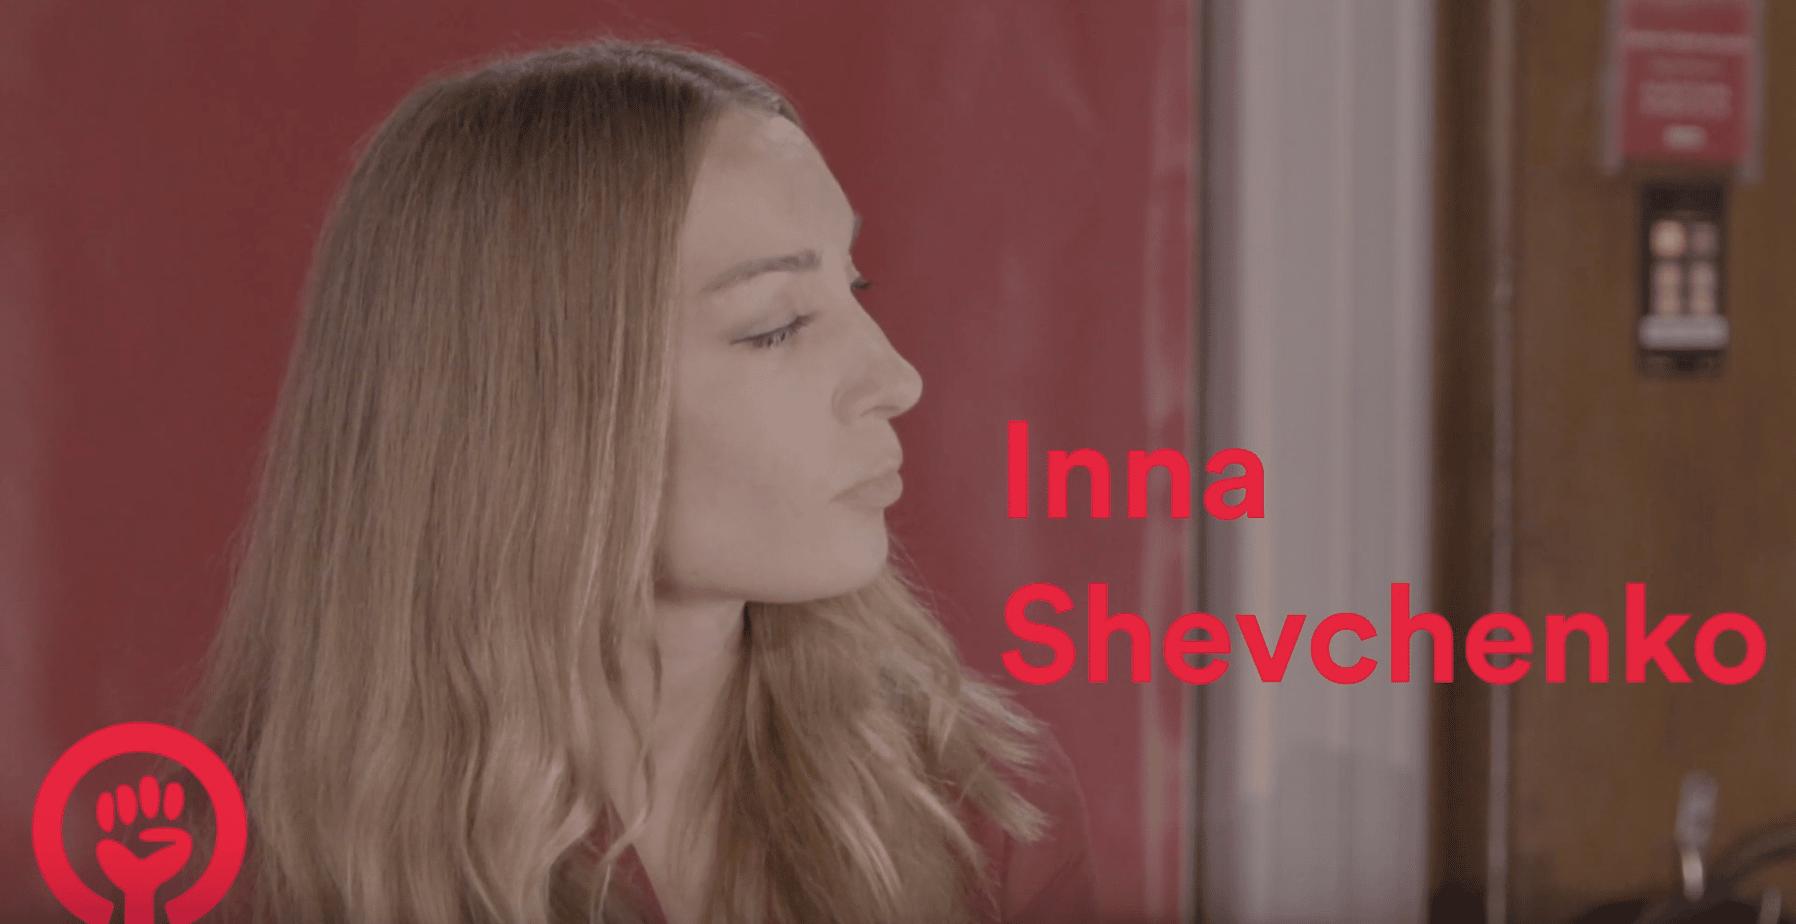 Rencontres pour la lutte contre les féminicides et les violences sexistes – Inna Shevchenko et Caroline de Haas